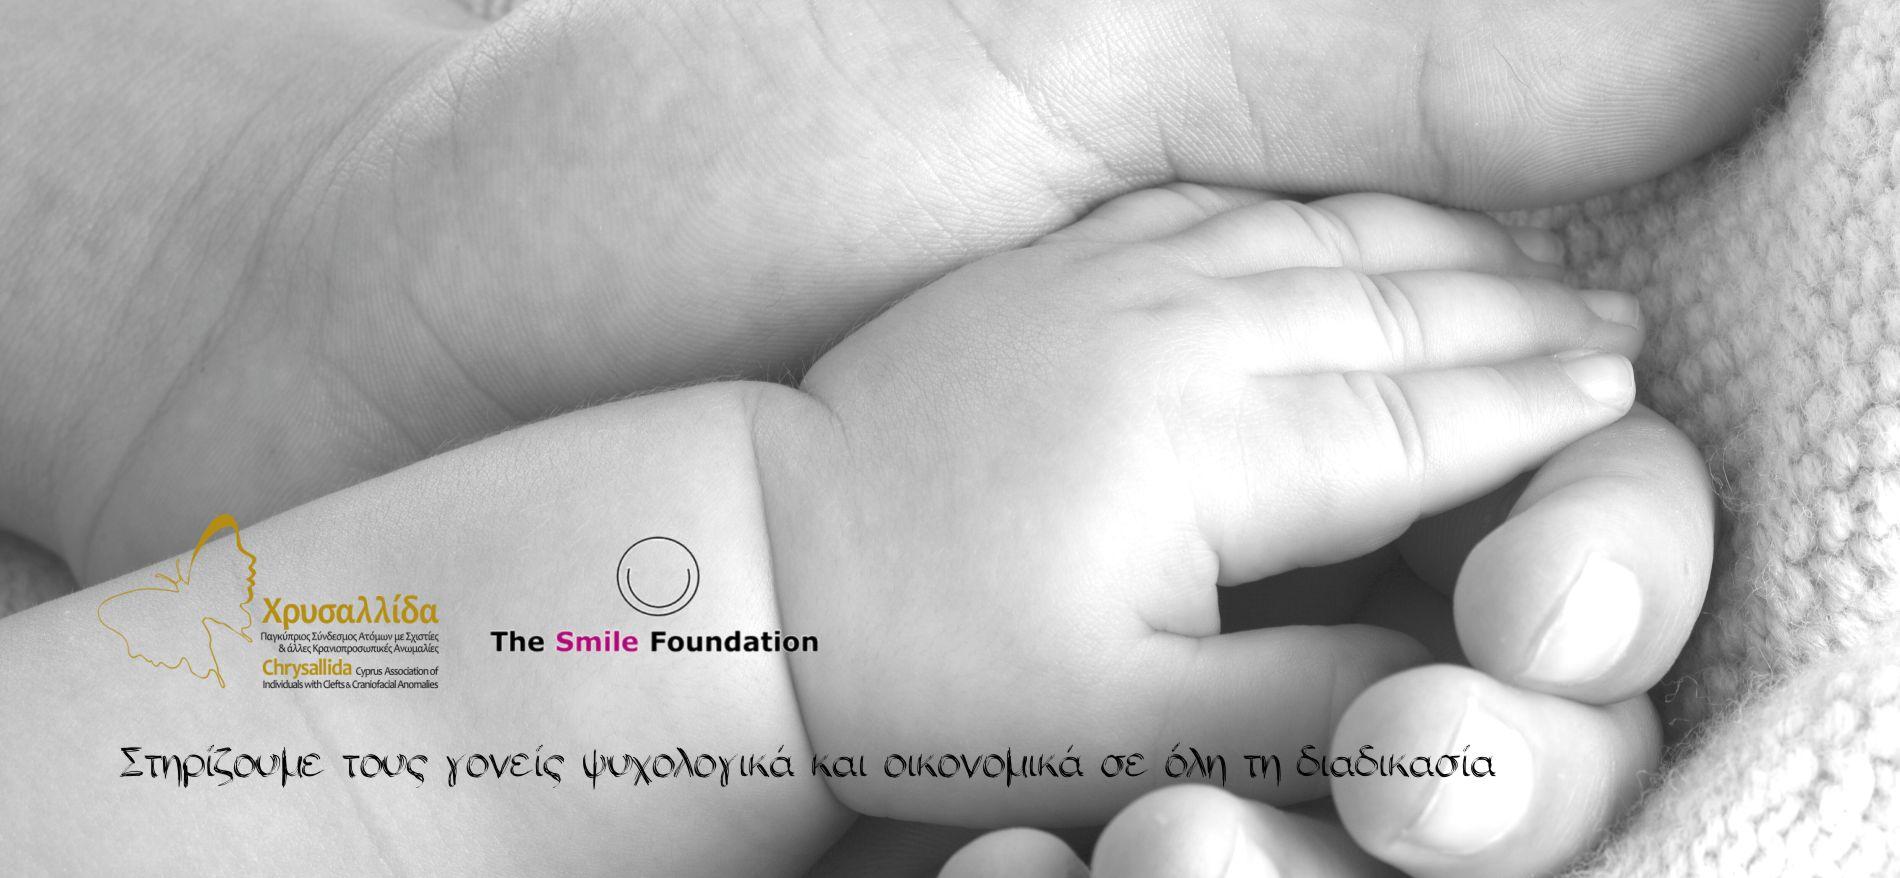 Στηρίζουμε τους γονείς ψυχολογικά και οικονομικά σε όλη τη διαδικασία